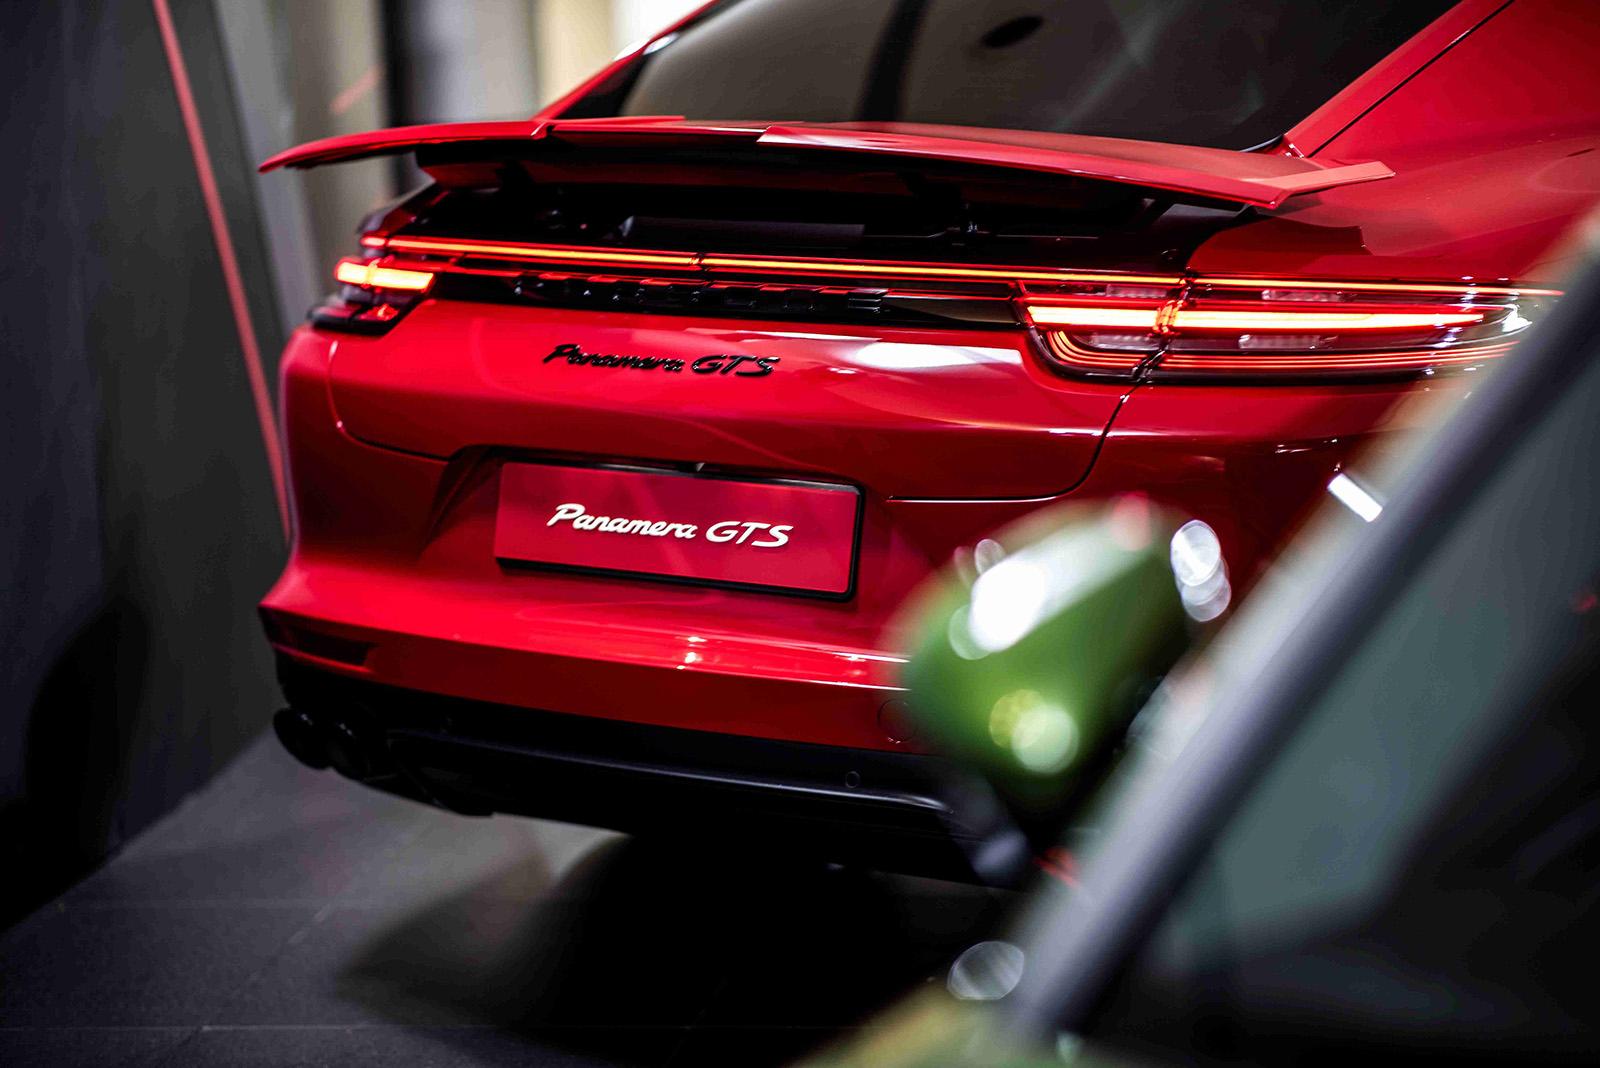 全新Porsche Panamera GTS車系同時配備電動折疊式尾翼